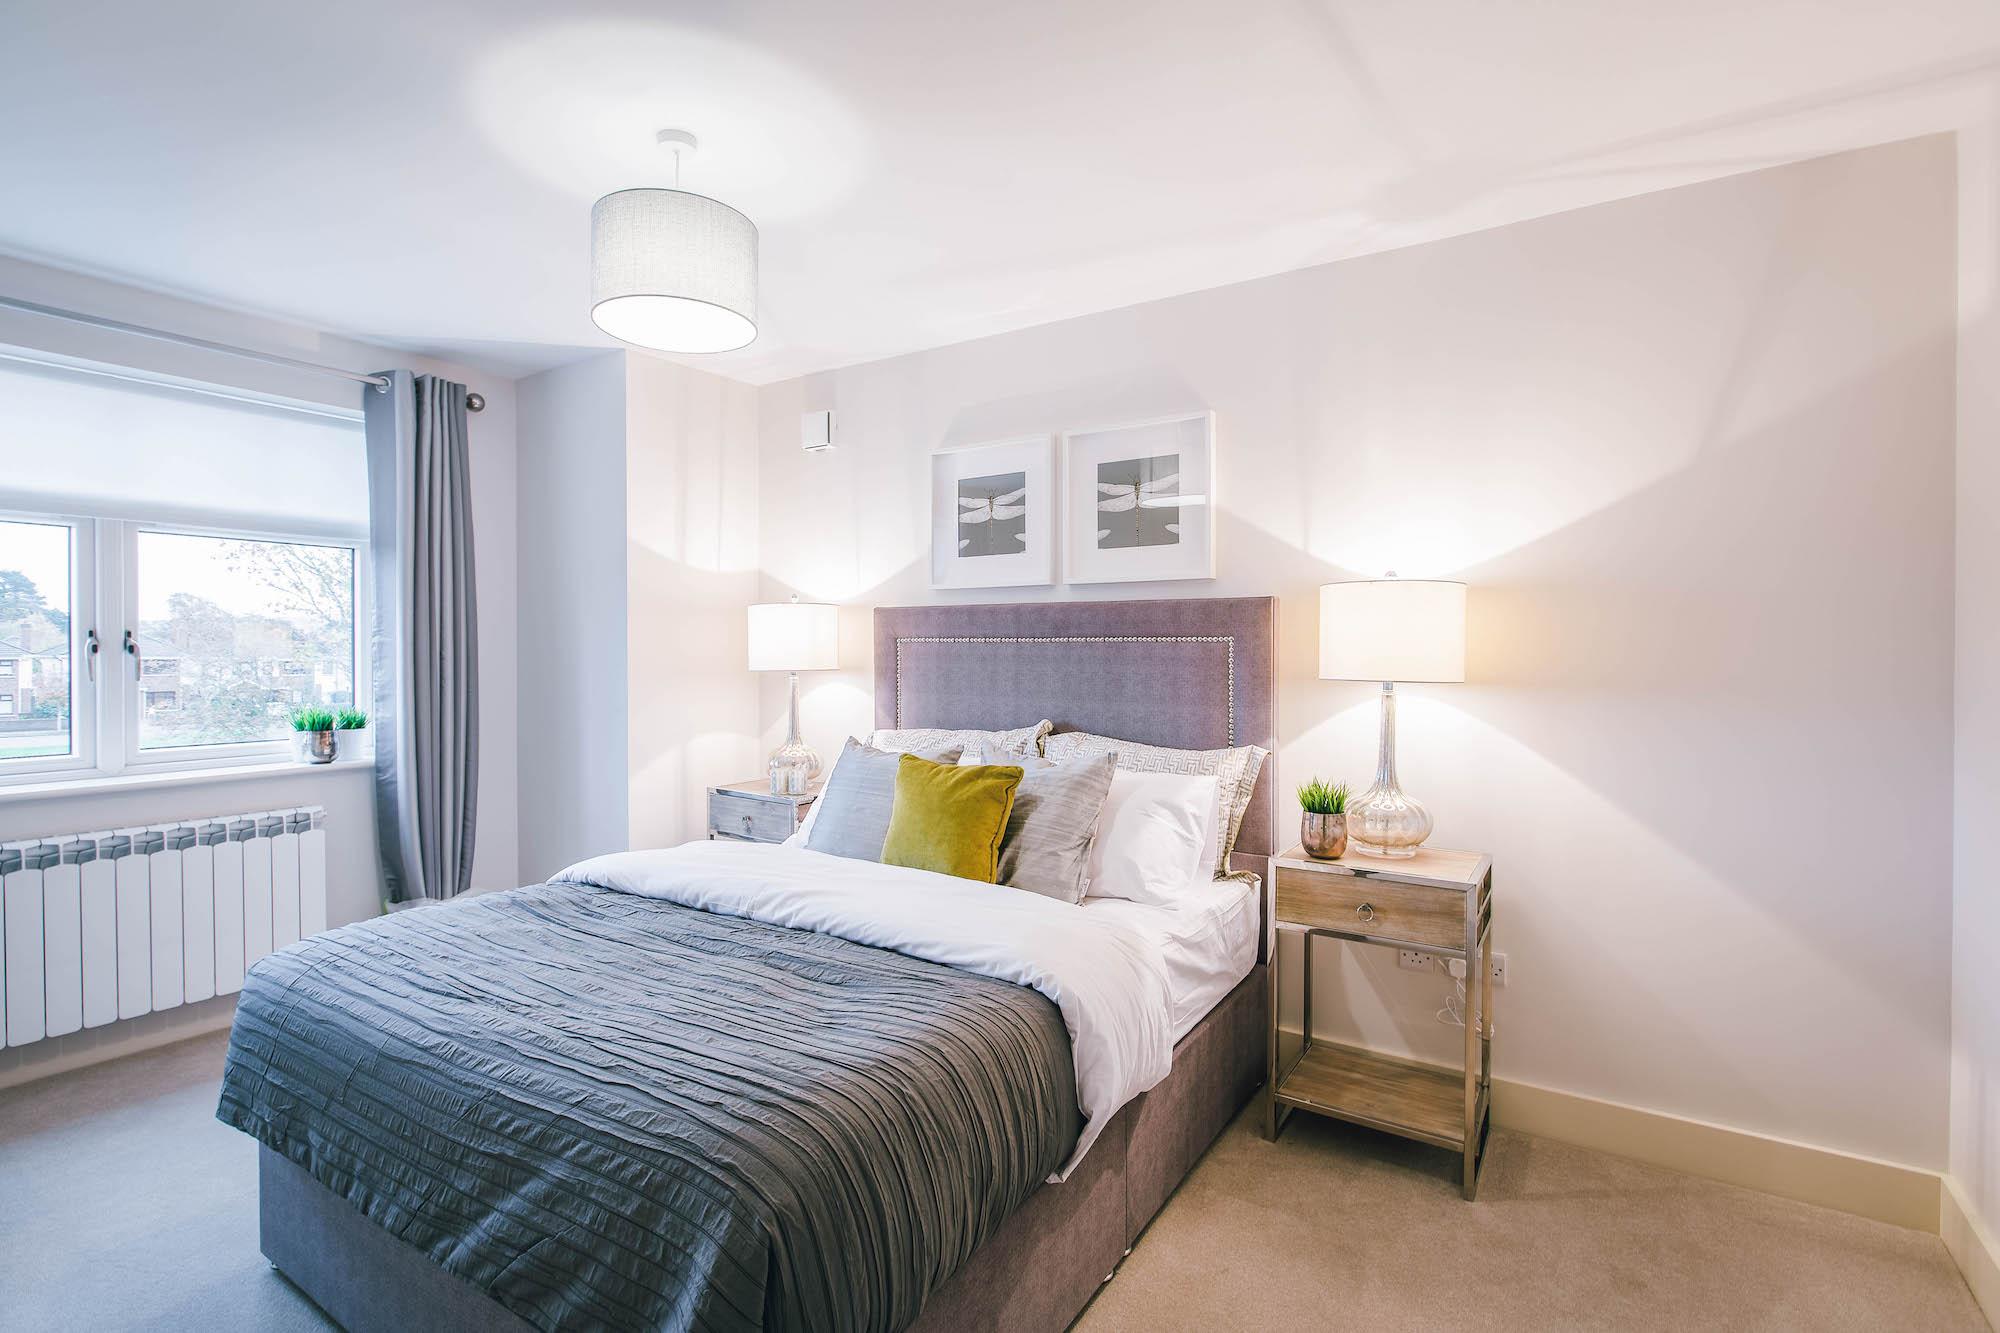 C-Bedroom3-01-2.jpg